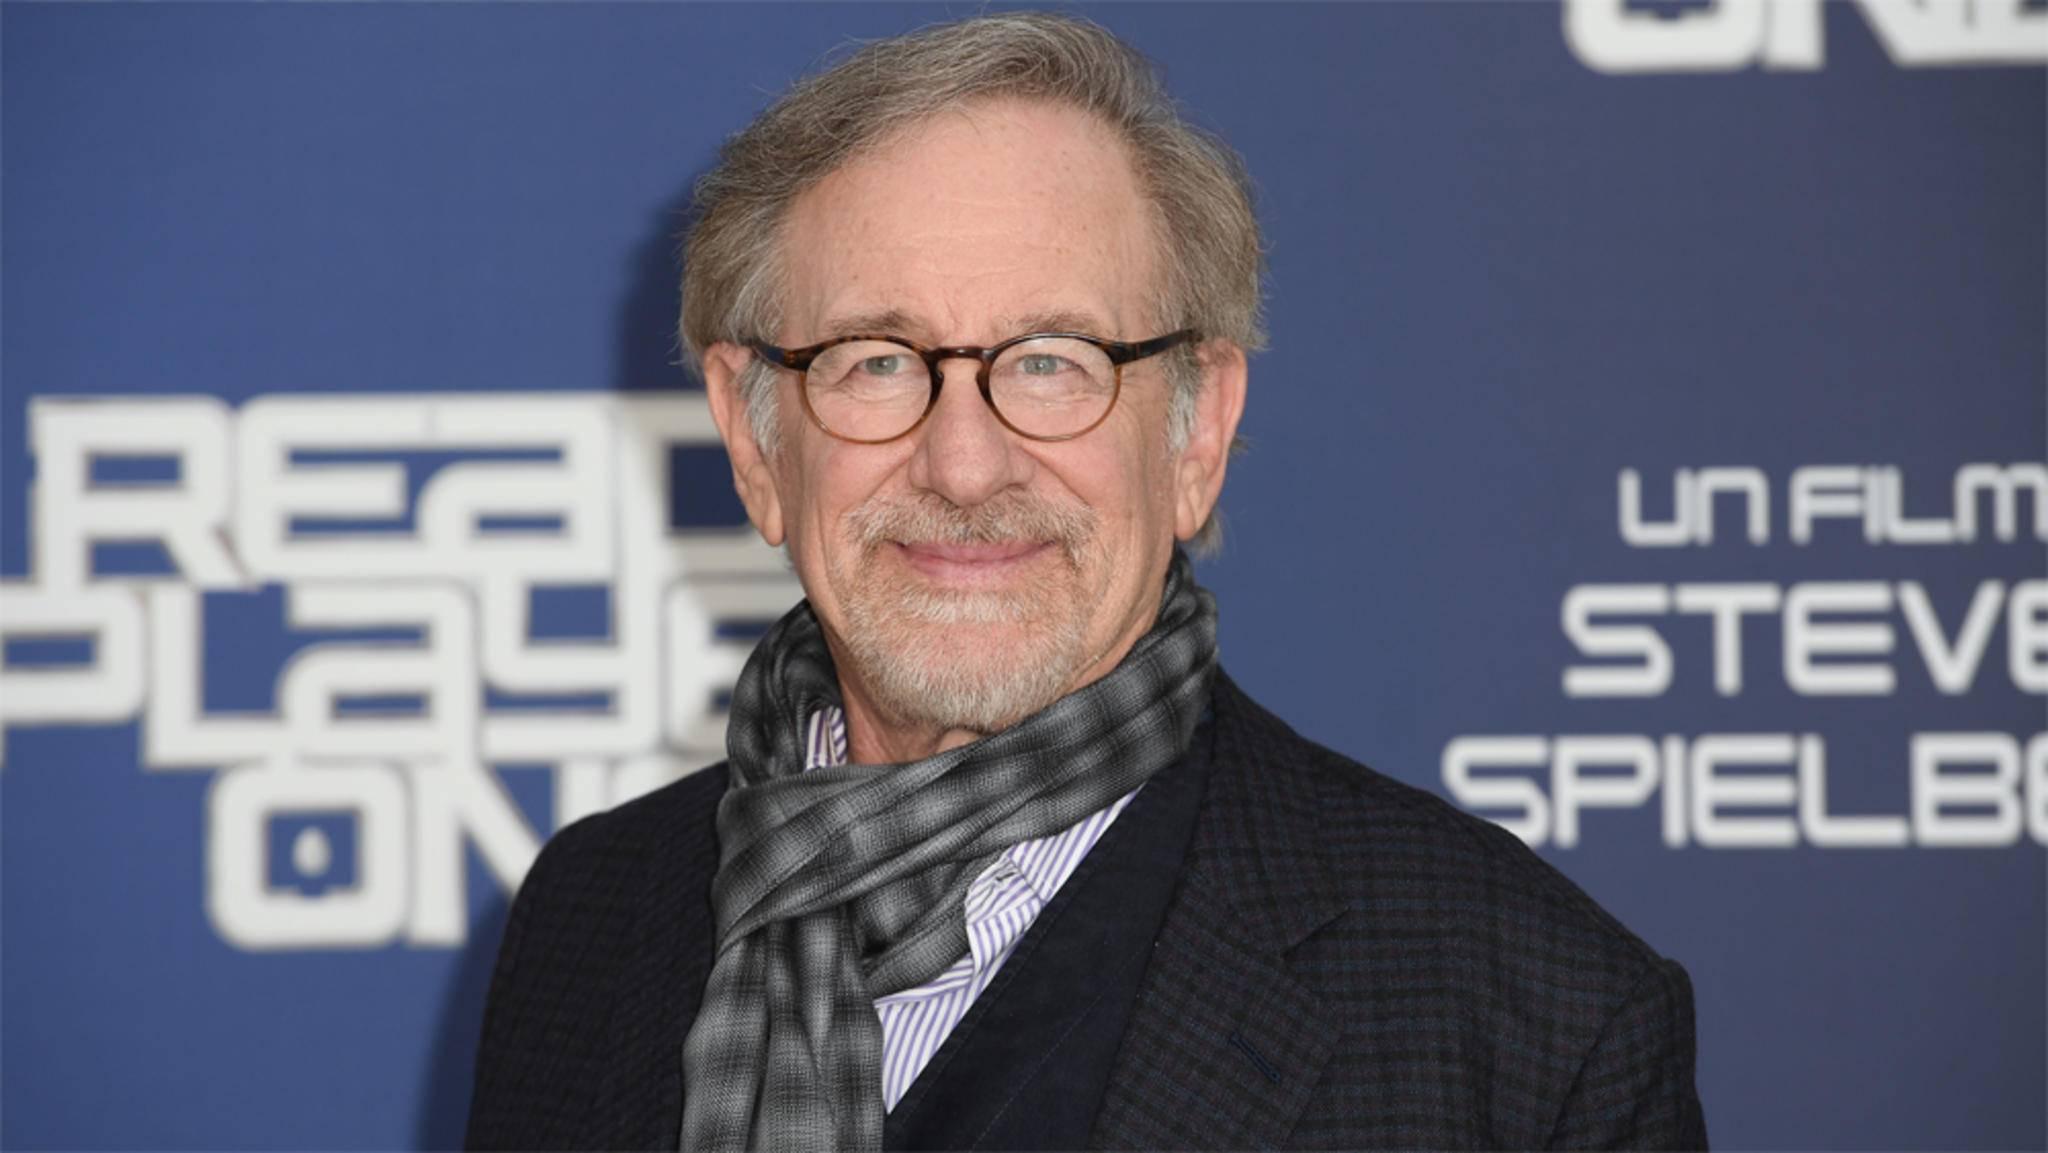 Steven Spielberg möchte keine Netflix-Produktionen bei den Oscars sehen.